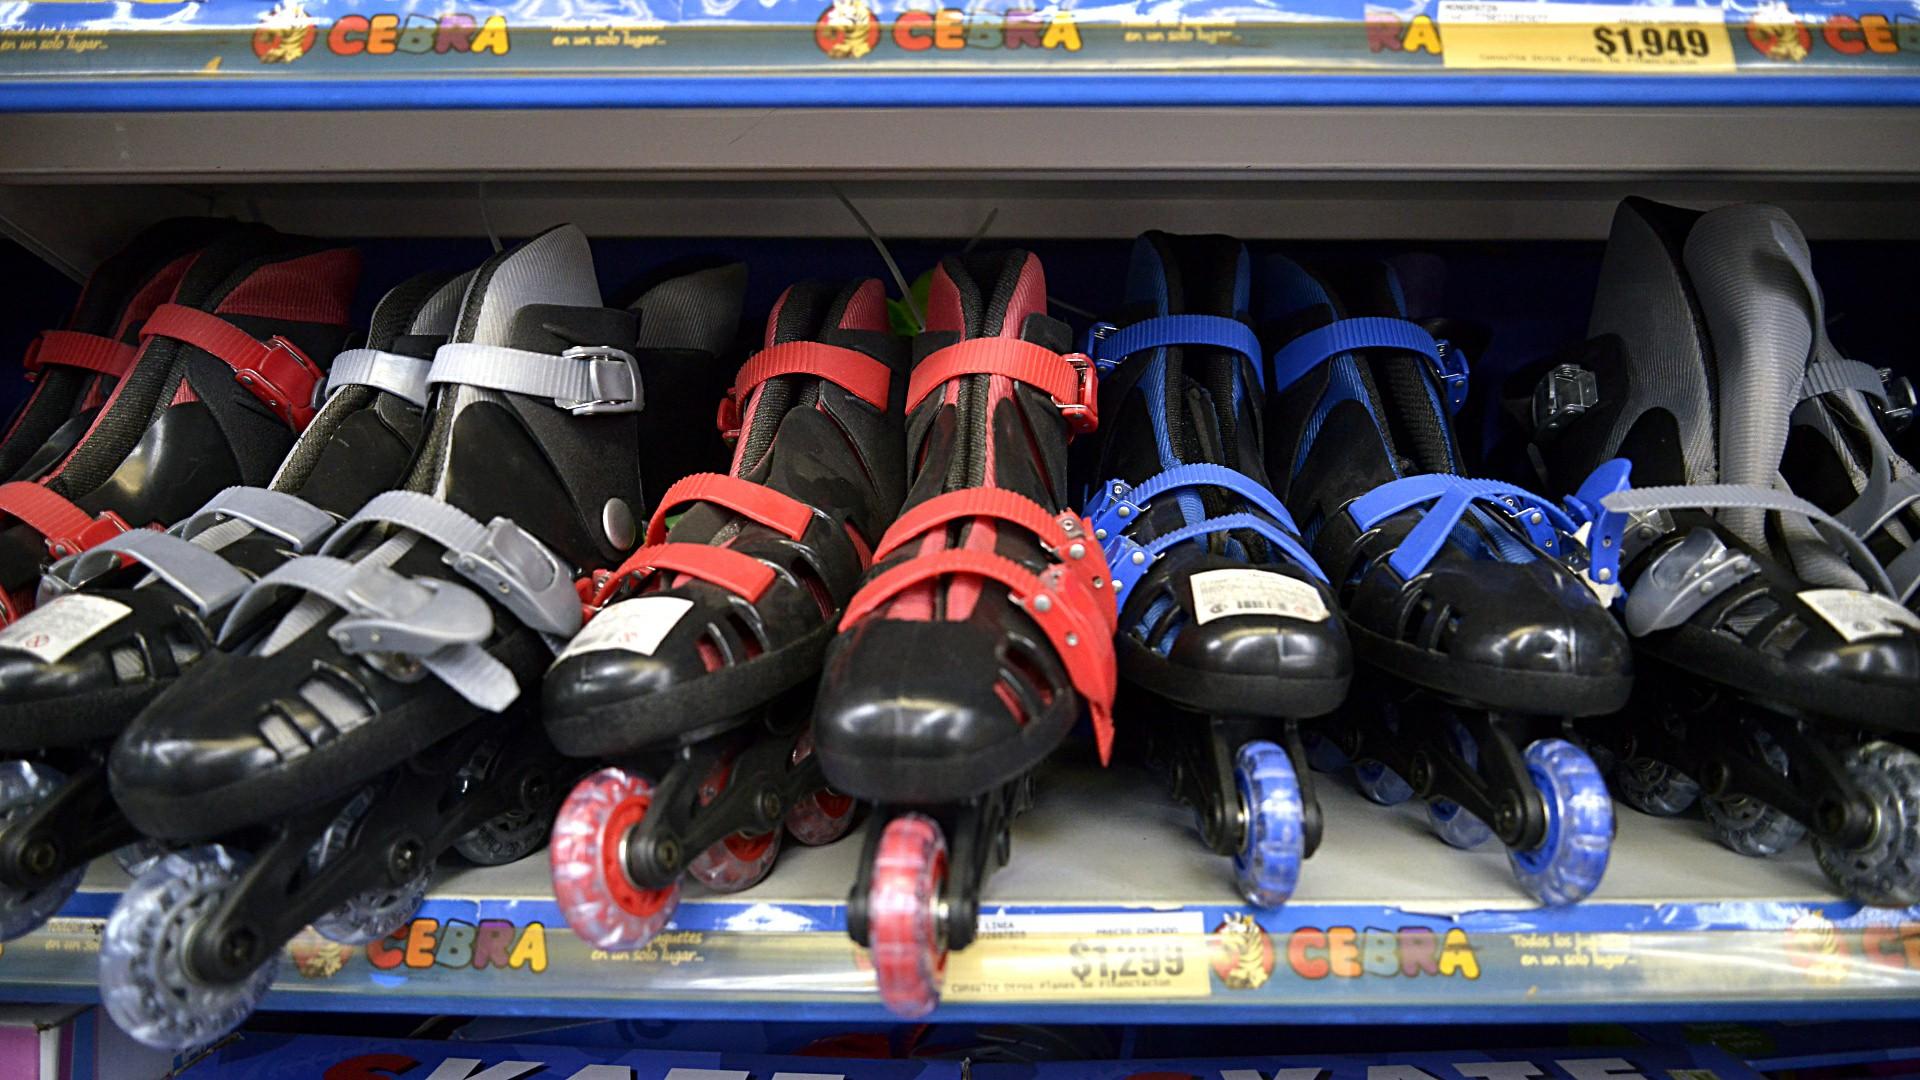 Desde el punto de vista físico, el juego ayuda a los niños con la coordinación y habilidades motoras